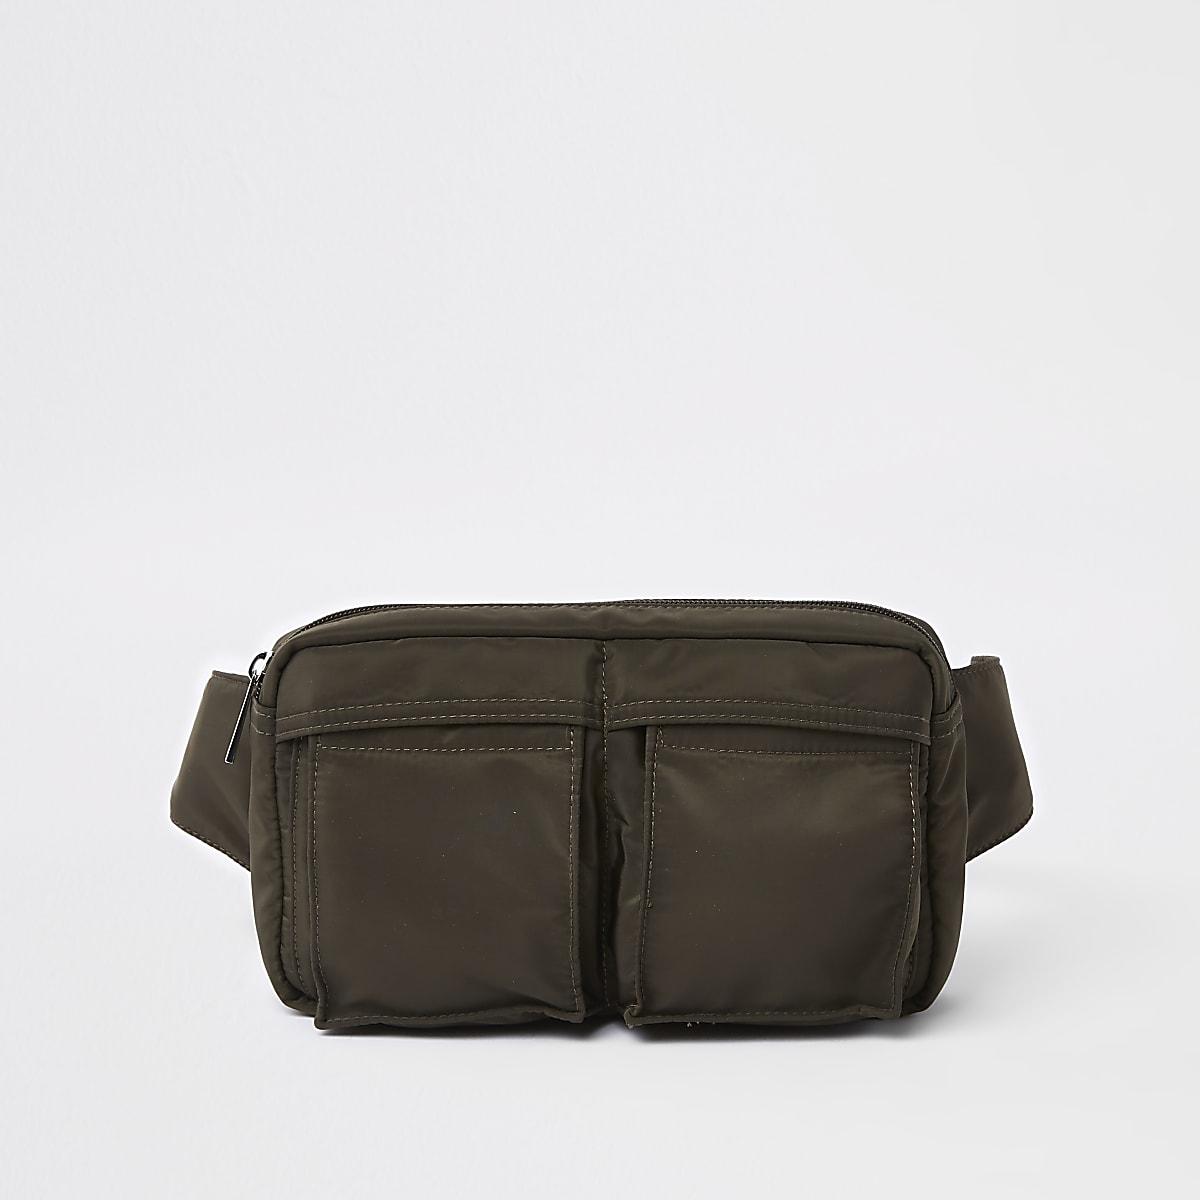 Khaki green two pocket cross body bag